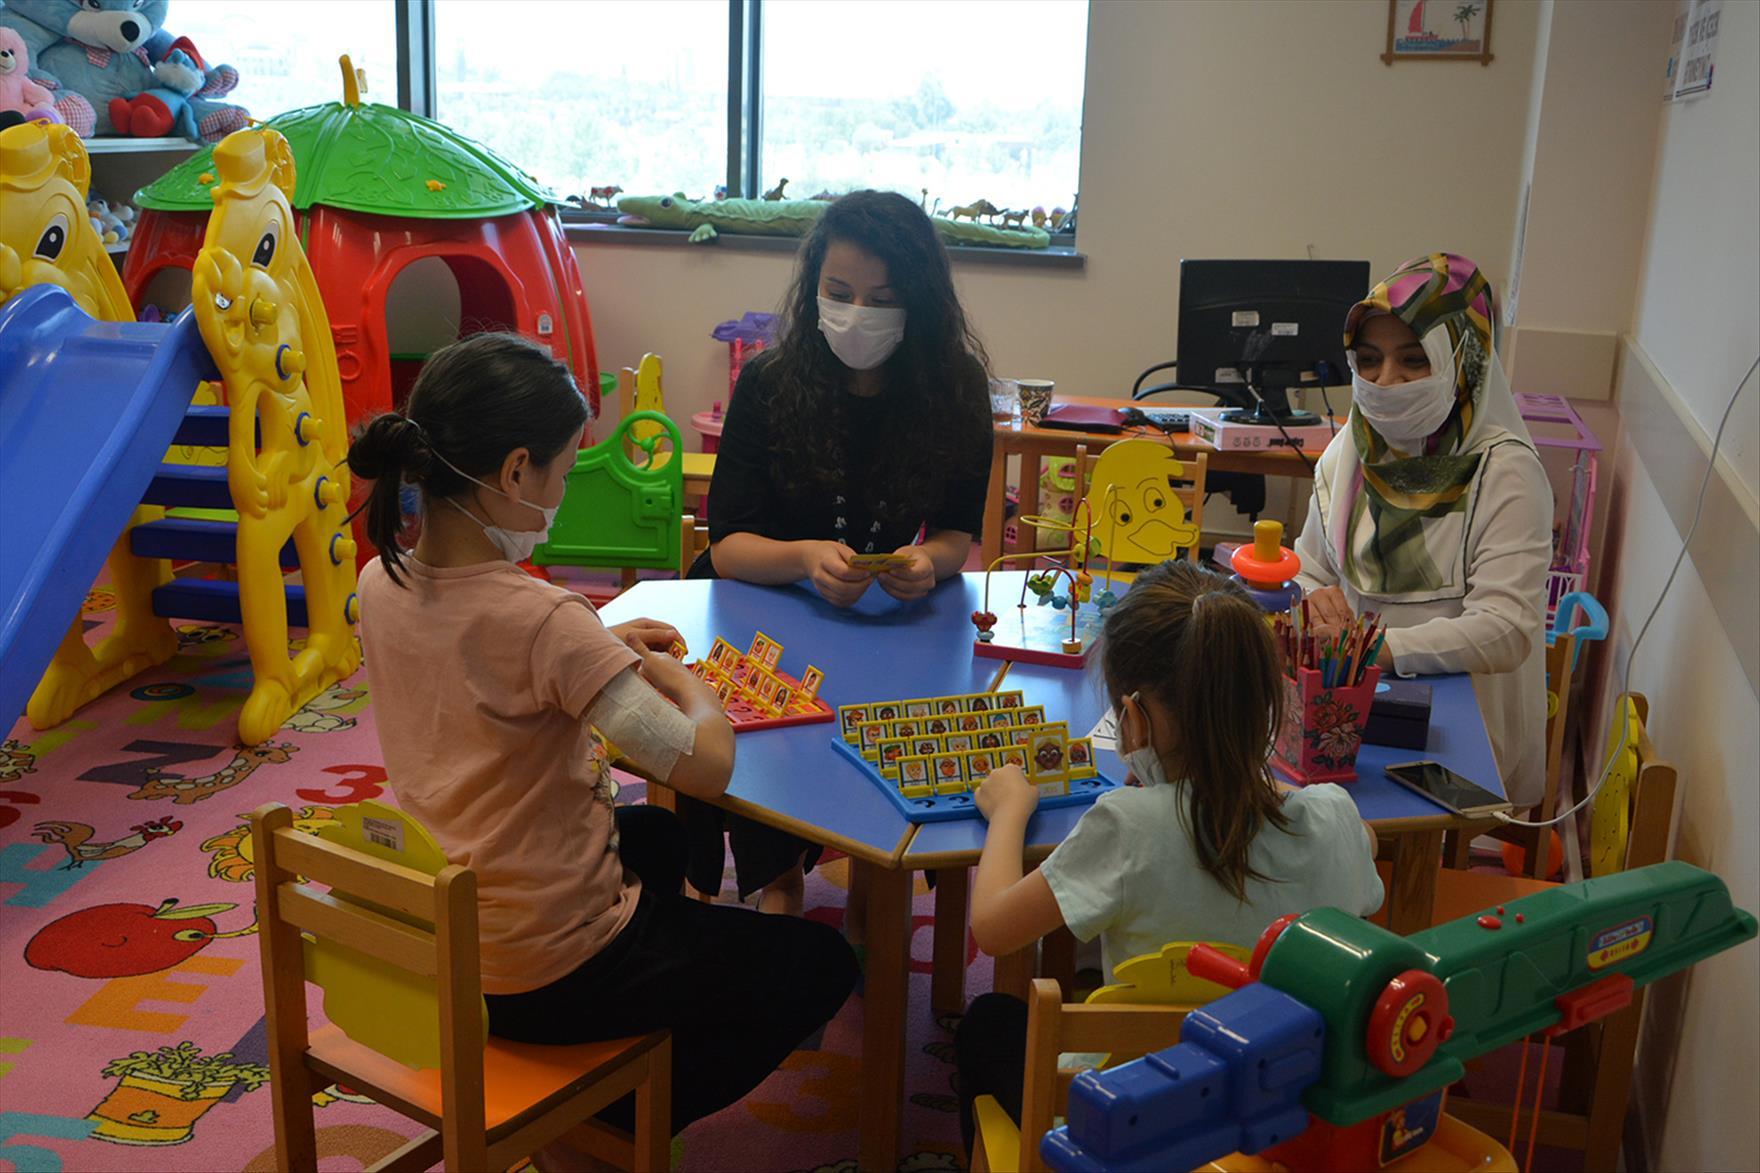 PAÜ Hastanesinde Çocuklar Eğitimden Geri Kalmadı